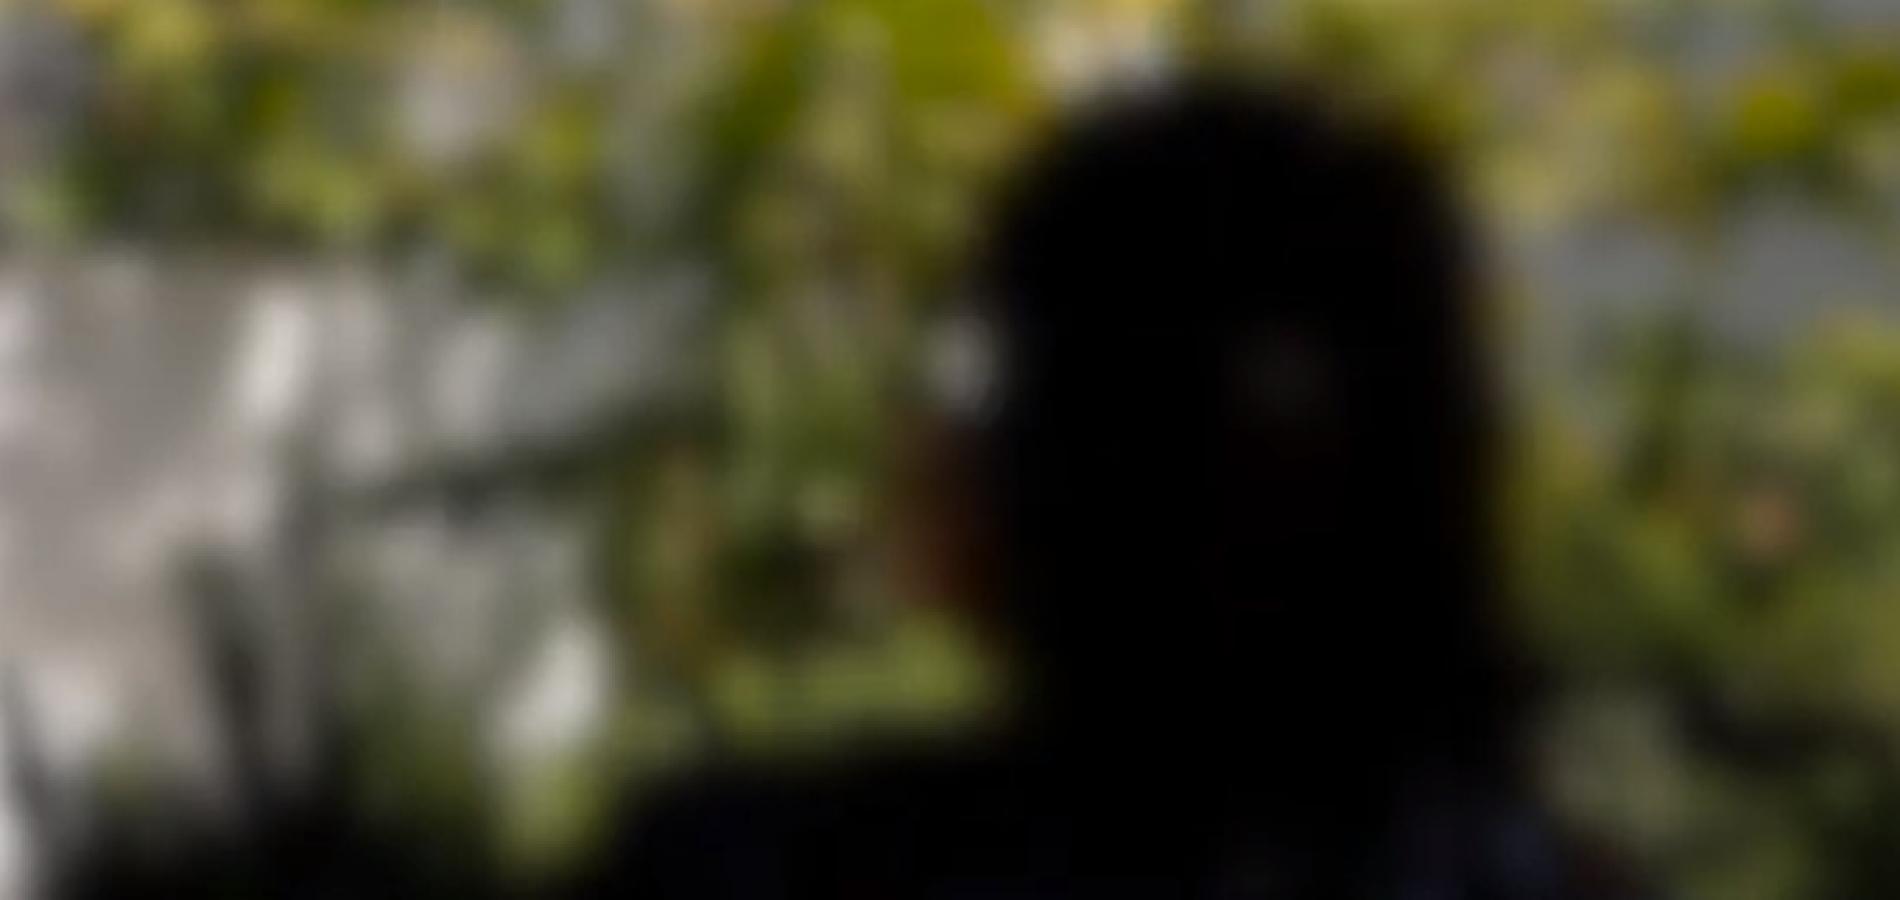 PIAUÍ | Empresária diz que foi vítima de golpe aplicado por deputado e teve prejuízo de R$ 900 mil